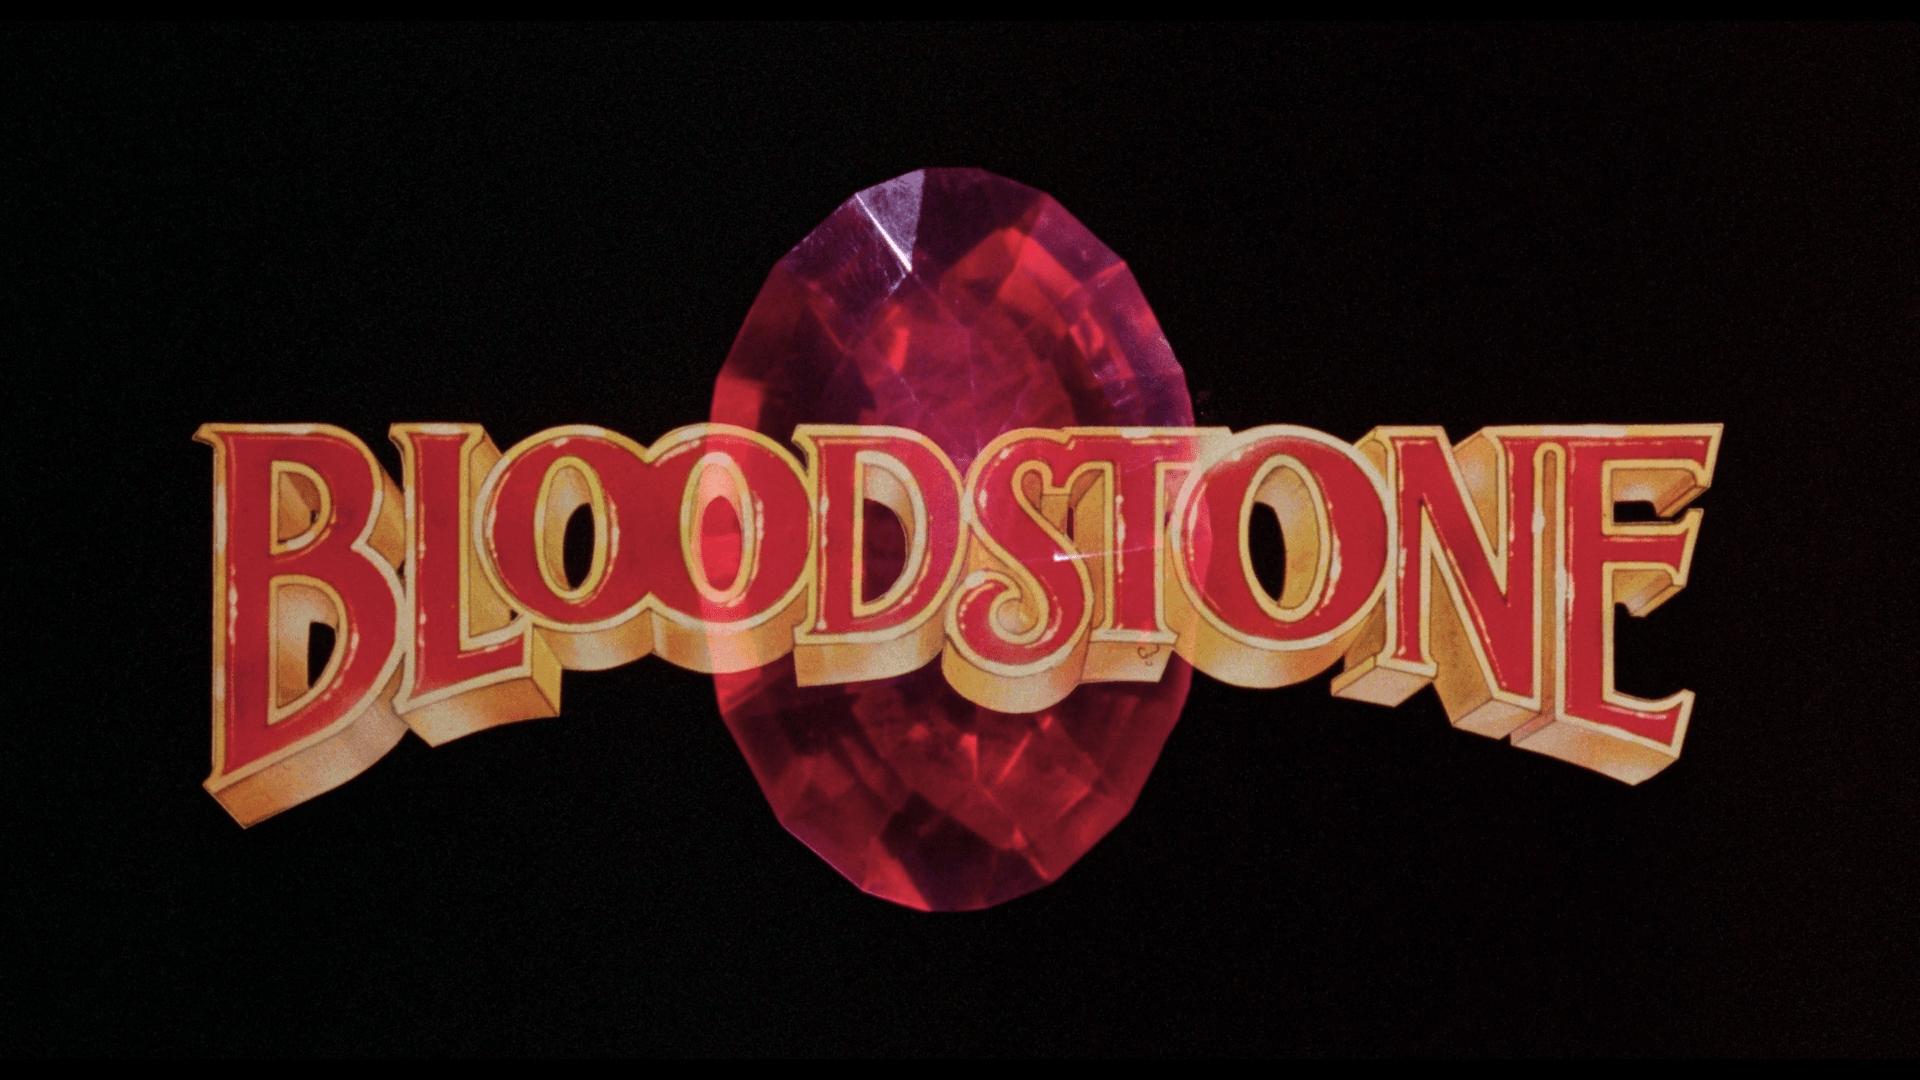 bloodstone title